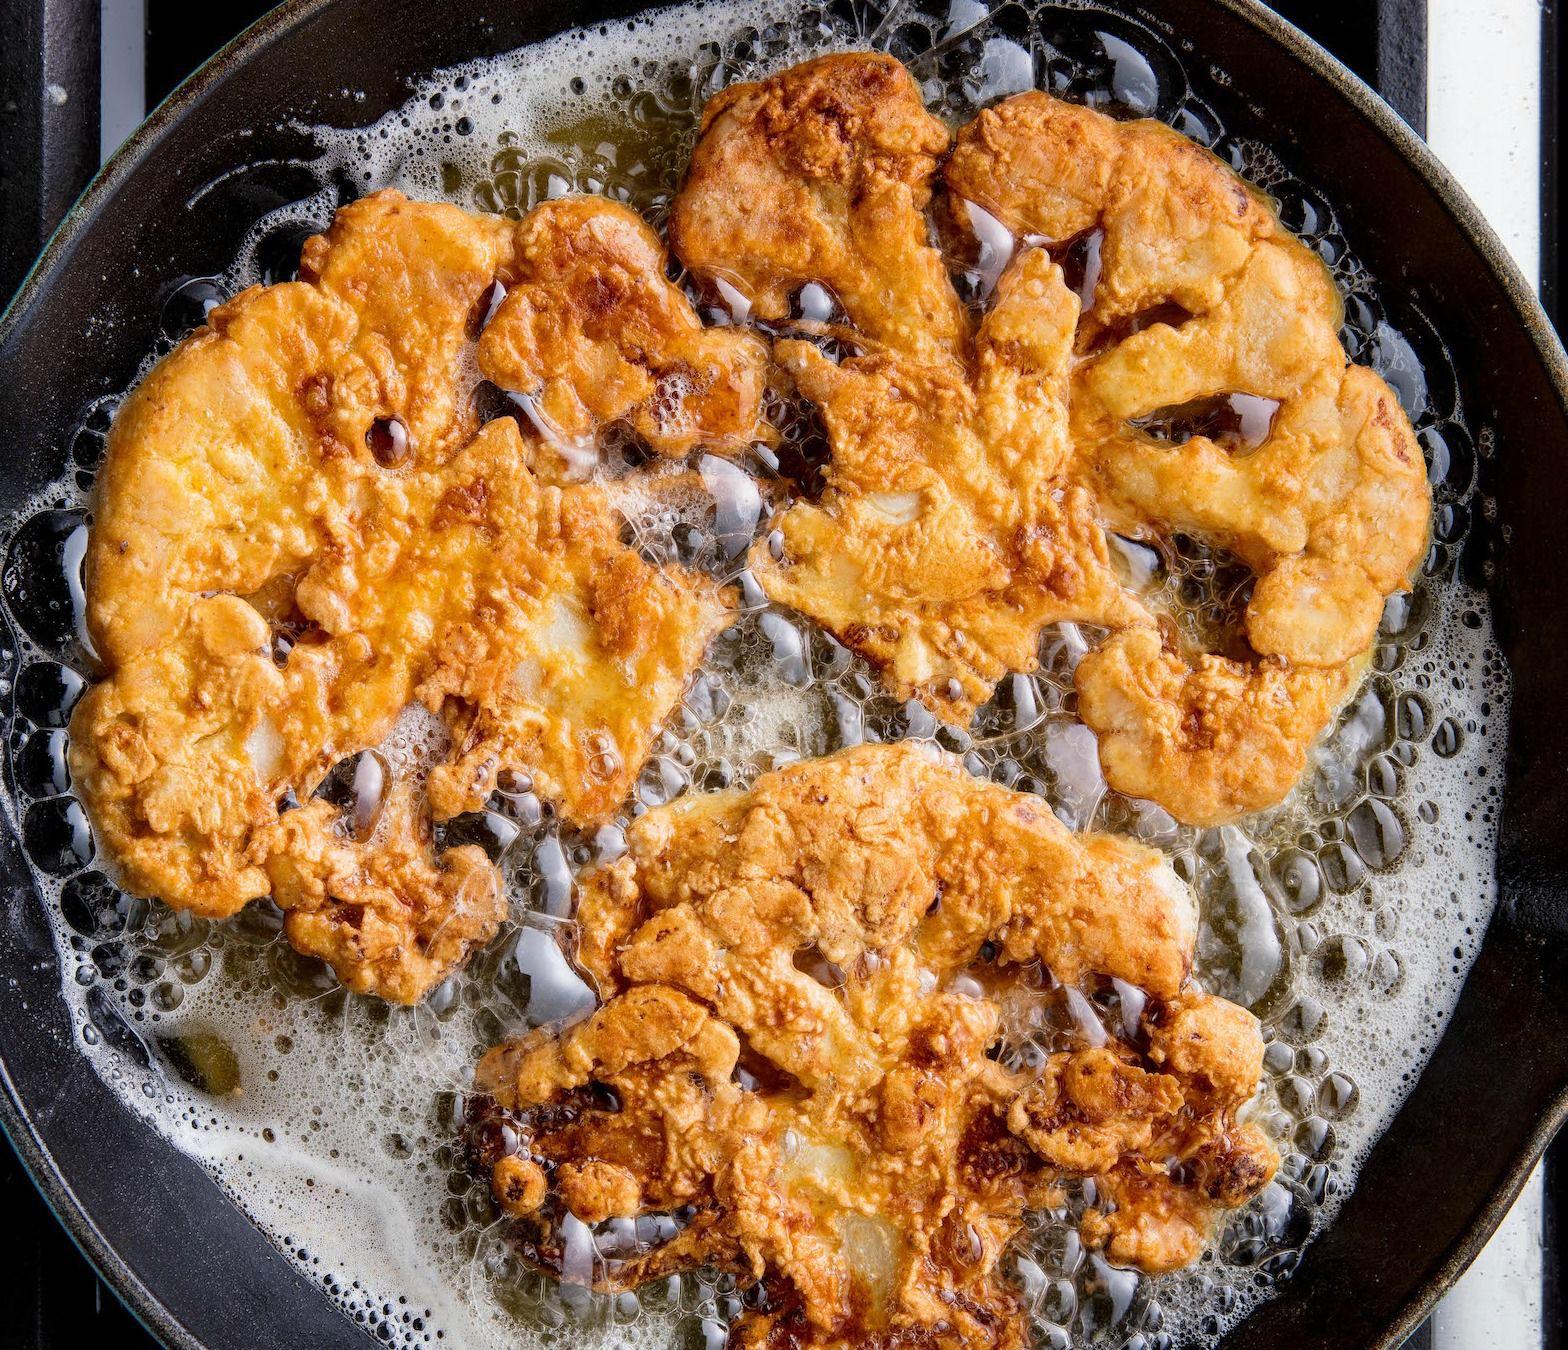 1520793106-1508345179-chicken-fried-cauliflower-delish.jpg